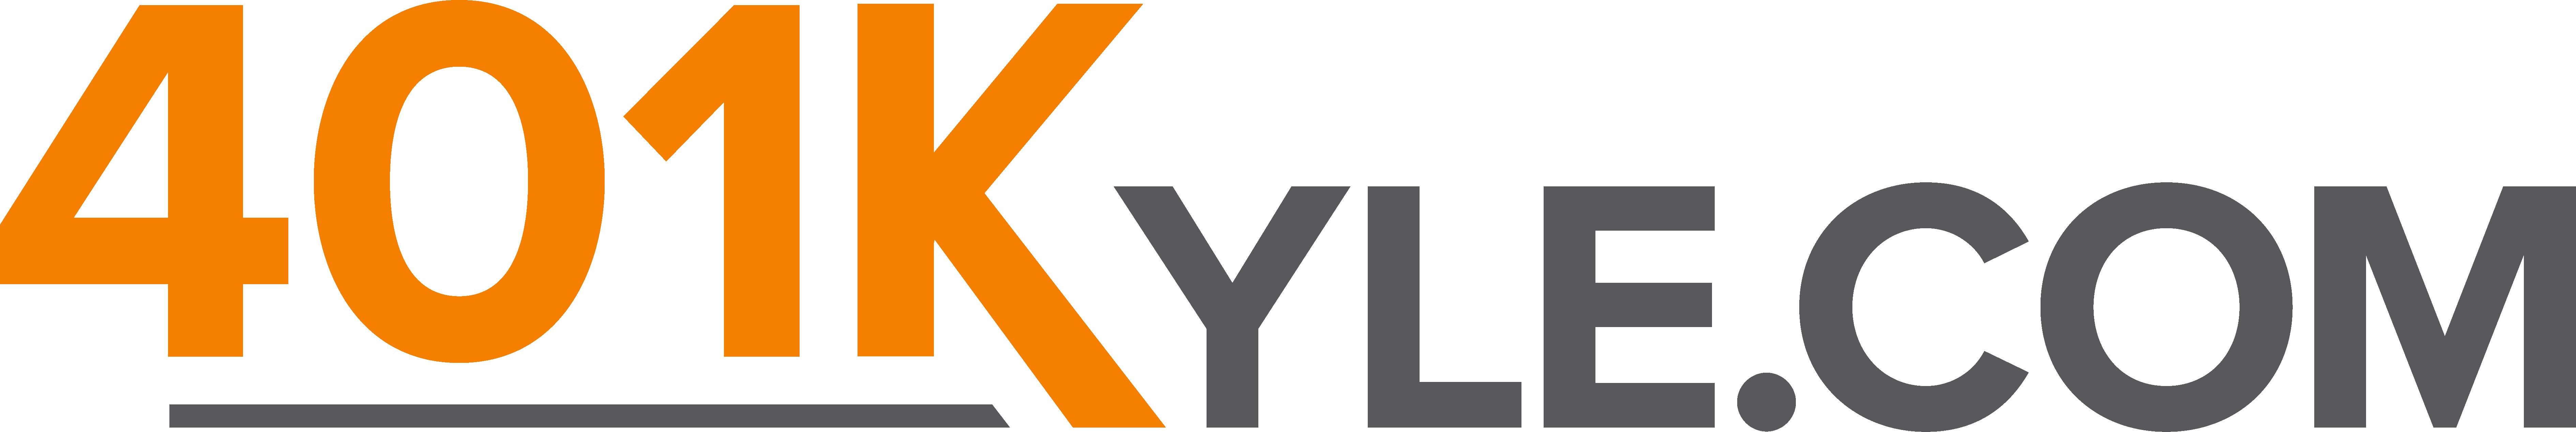 Logo for 401Kyle.com